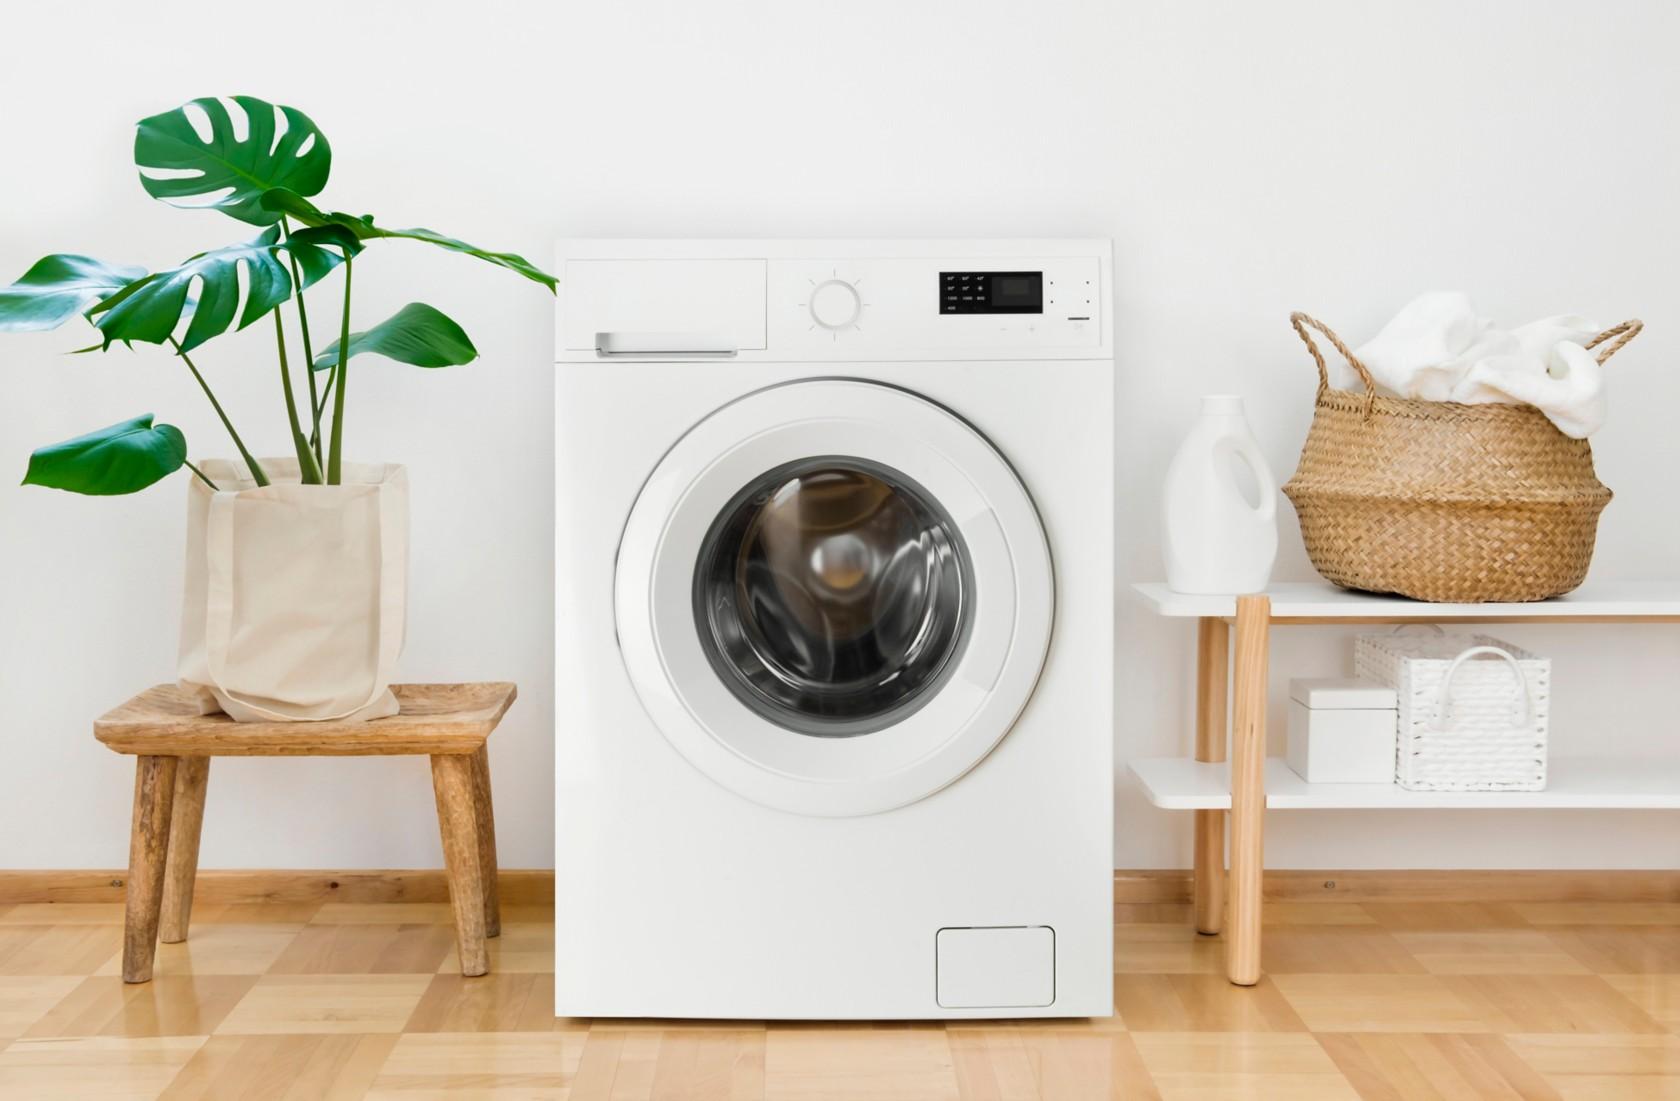 Rucksack in Waschmaschine, leere Waschmaschine mit Pflanze und Körbchen